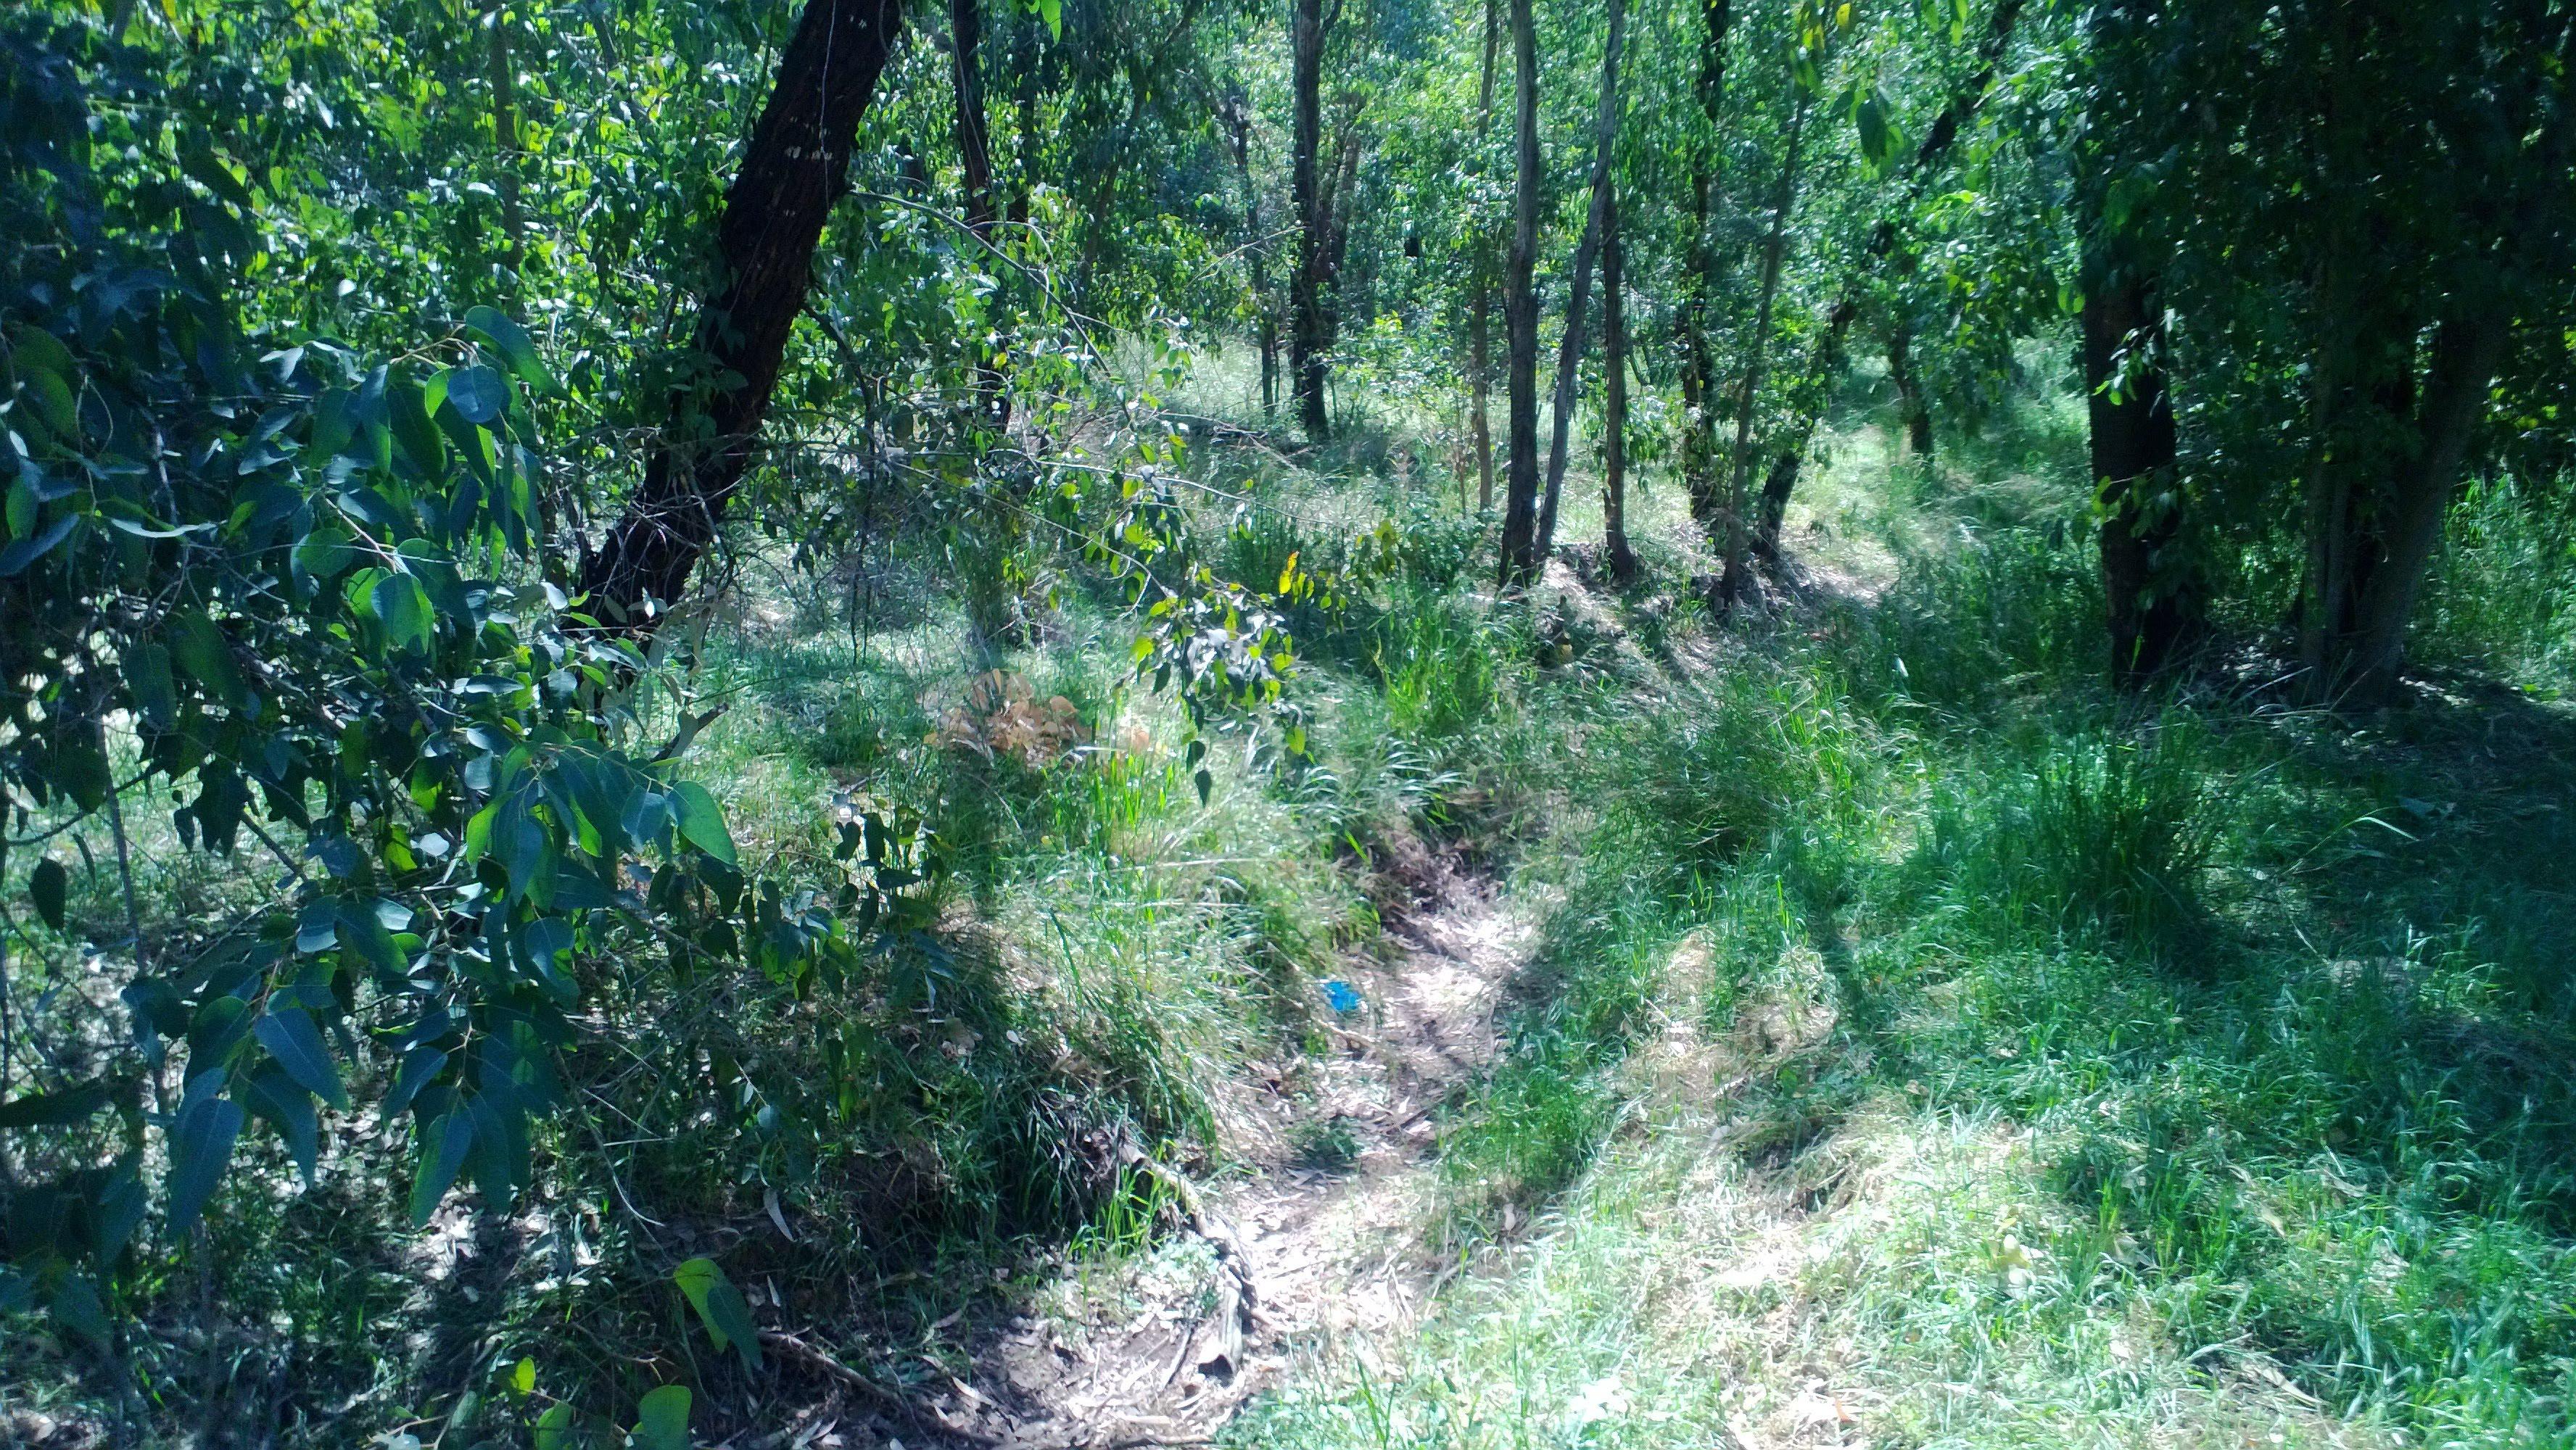 נחל נועם עובר דרך יער נועם